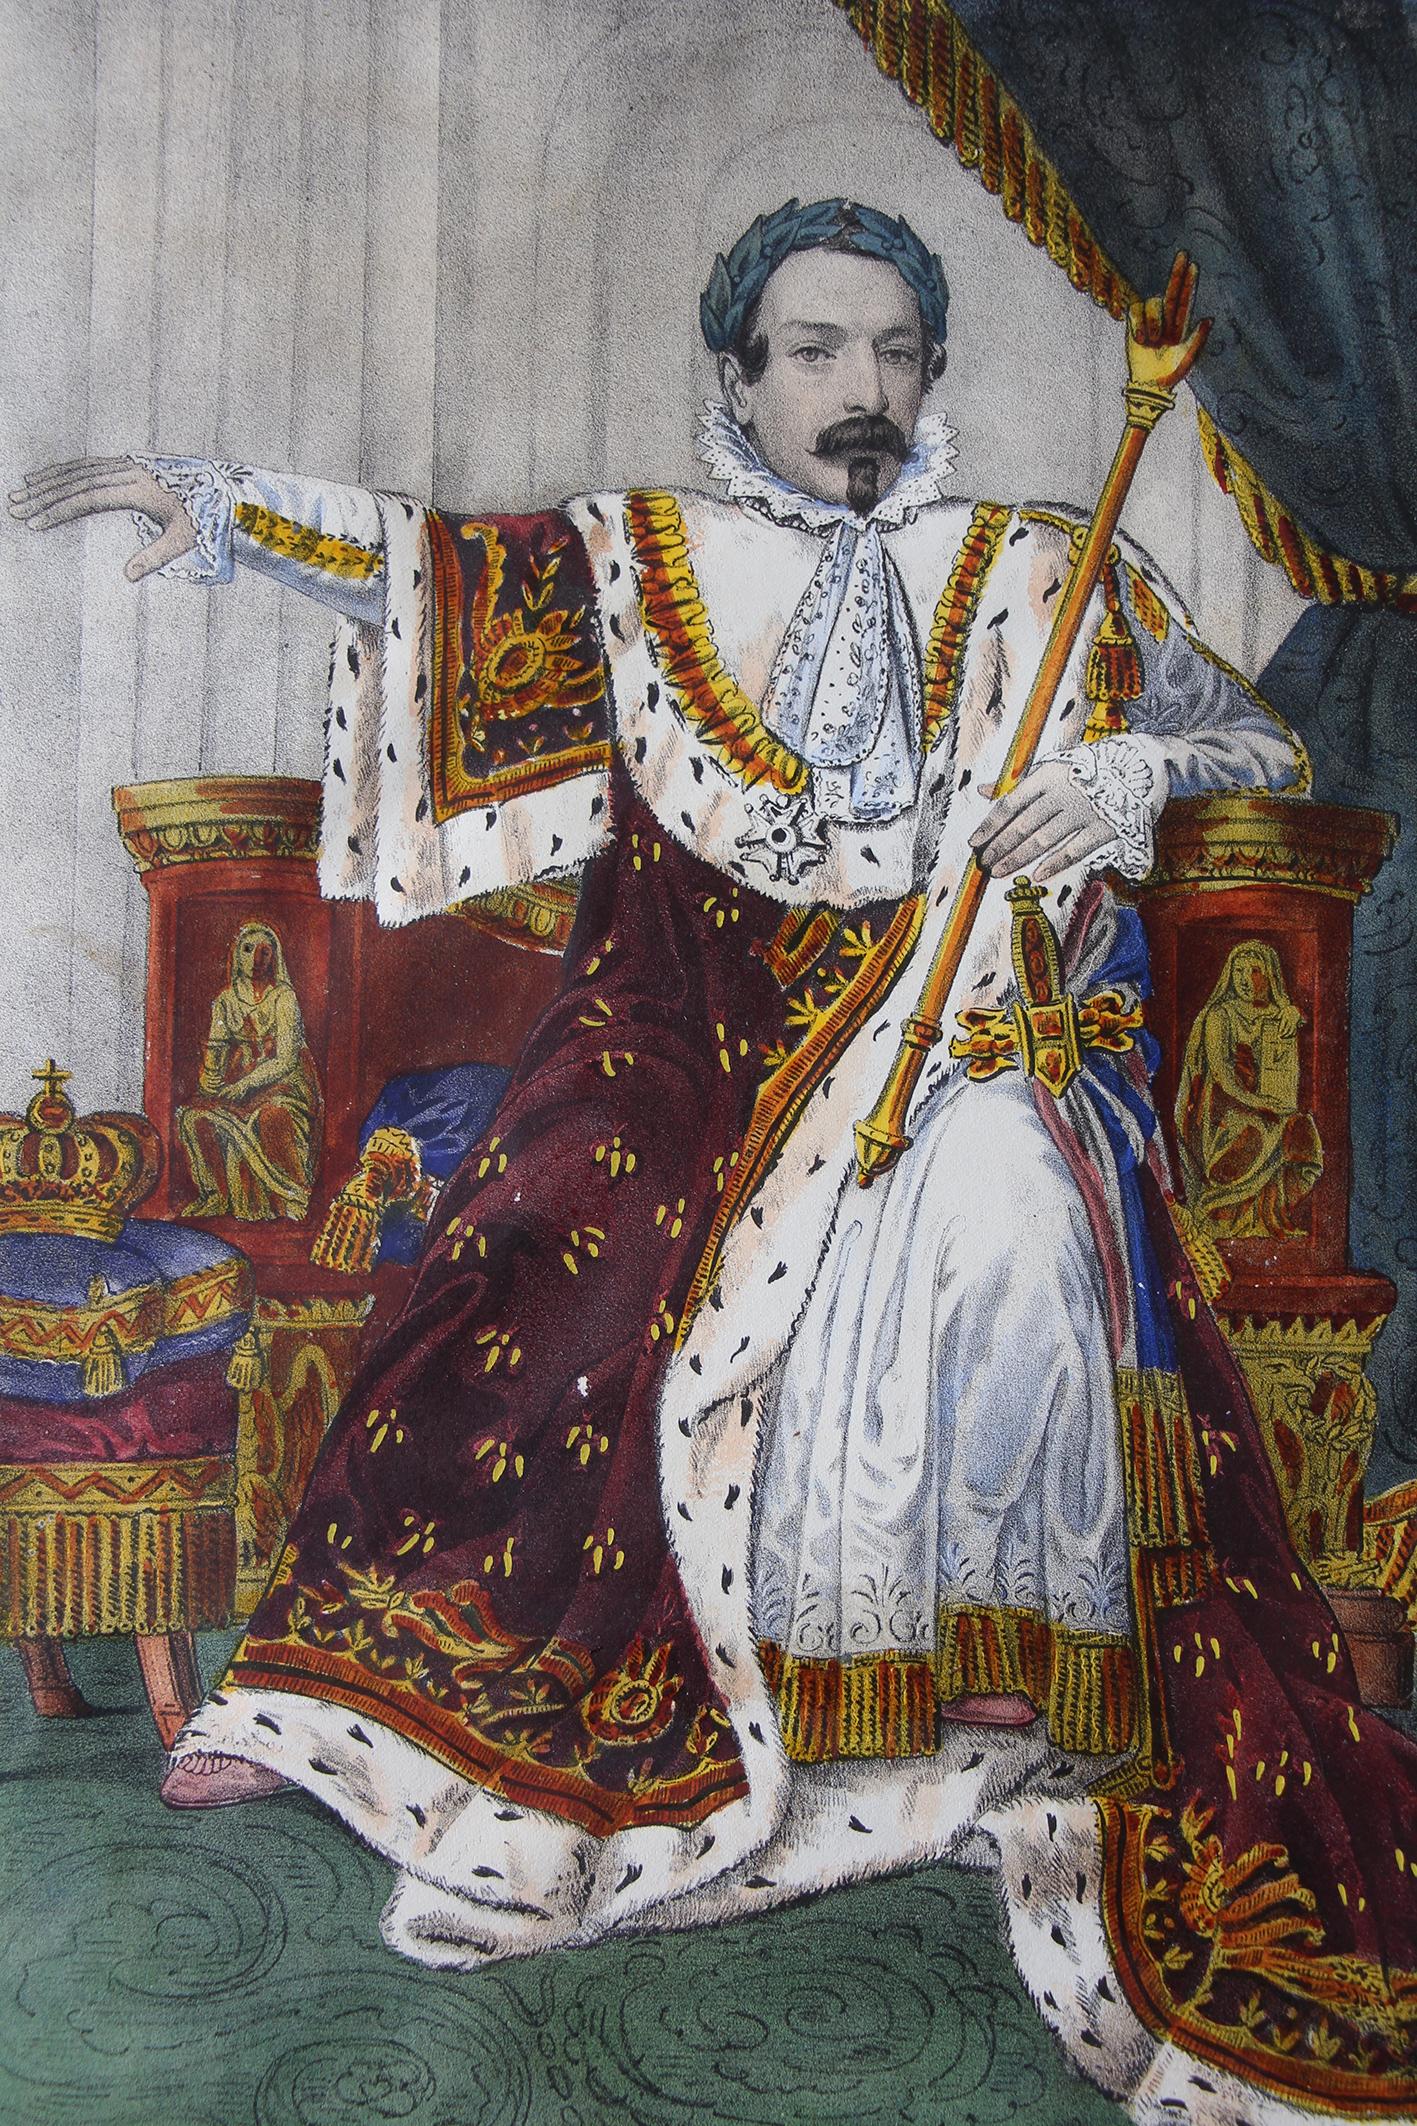 Imagerie - Napoleon III - Sacre - Empereur des Français - Gravure - Cérémonie - Second Empire